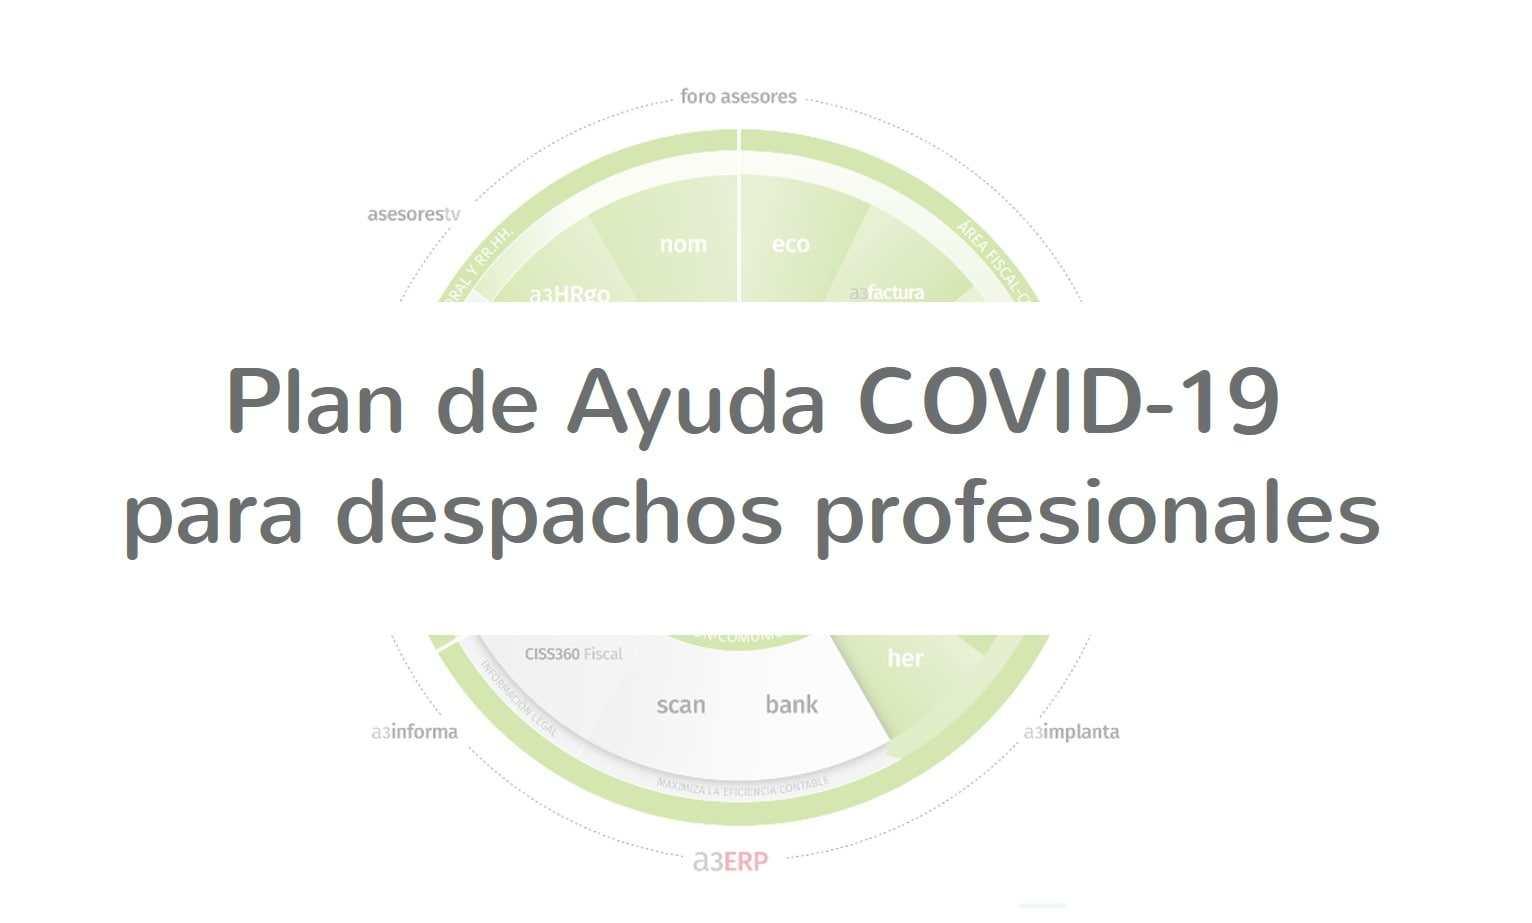 Plan de Ayuda COVID-19 para despachos profesionales